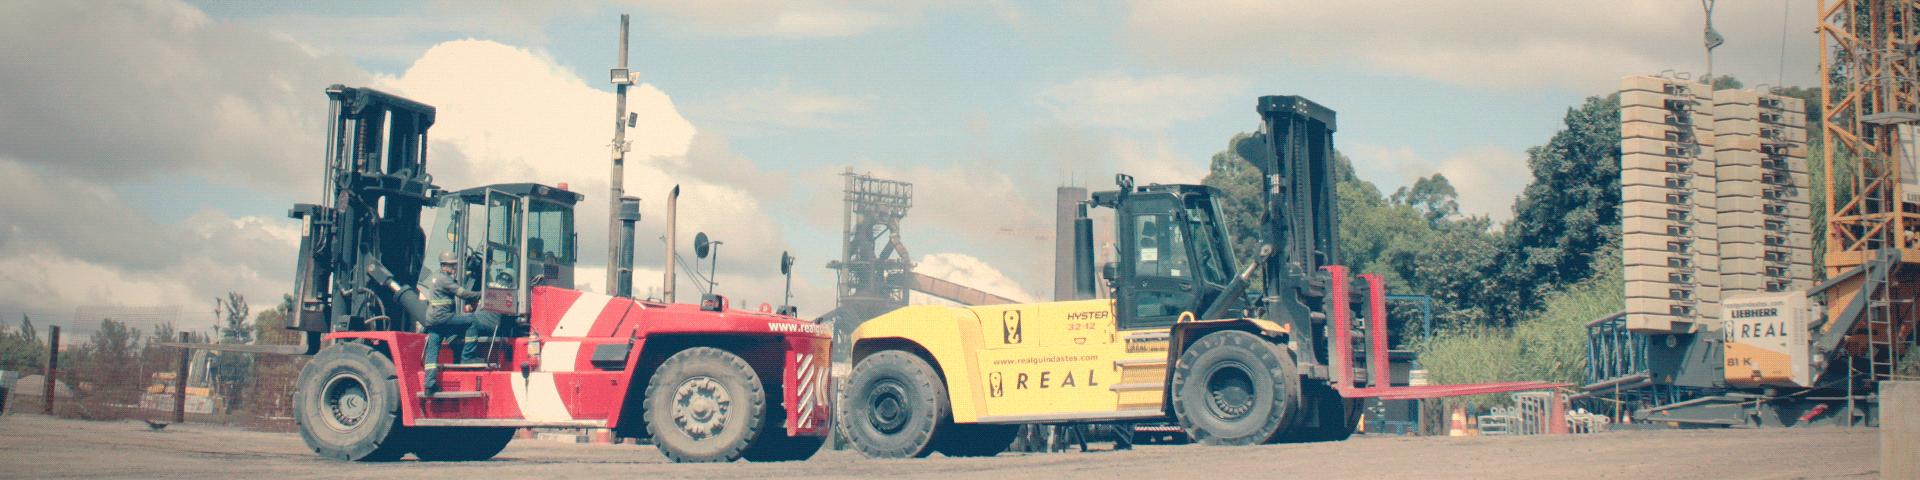 duas empilhadeiras real guindastes em frente fábrica